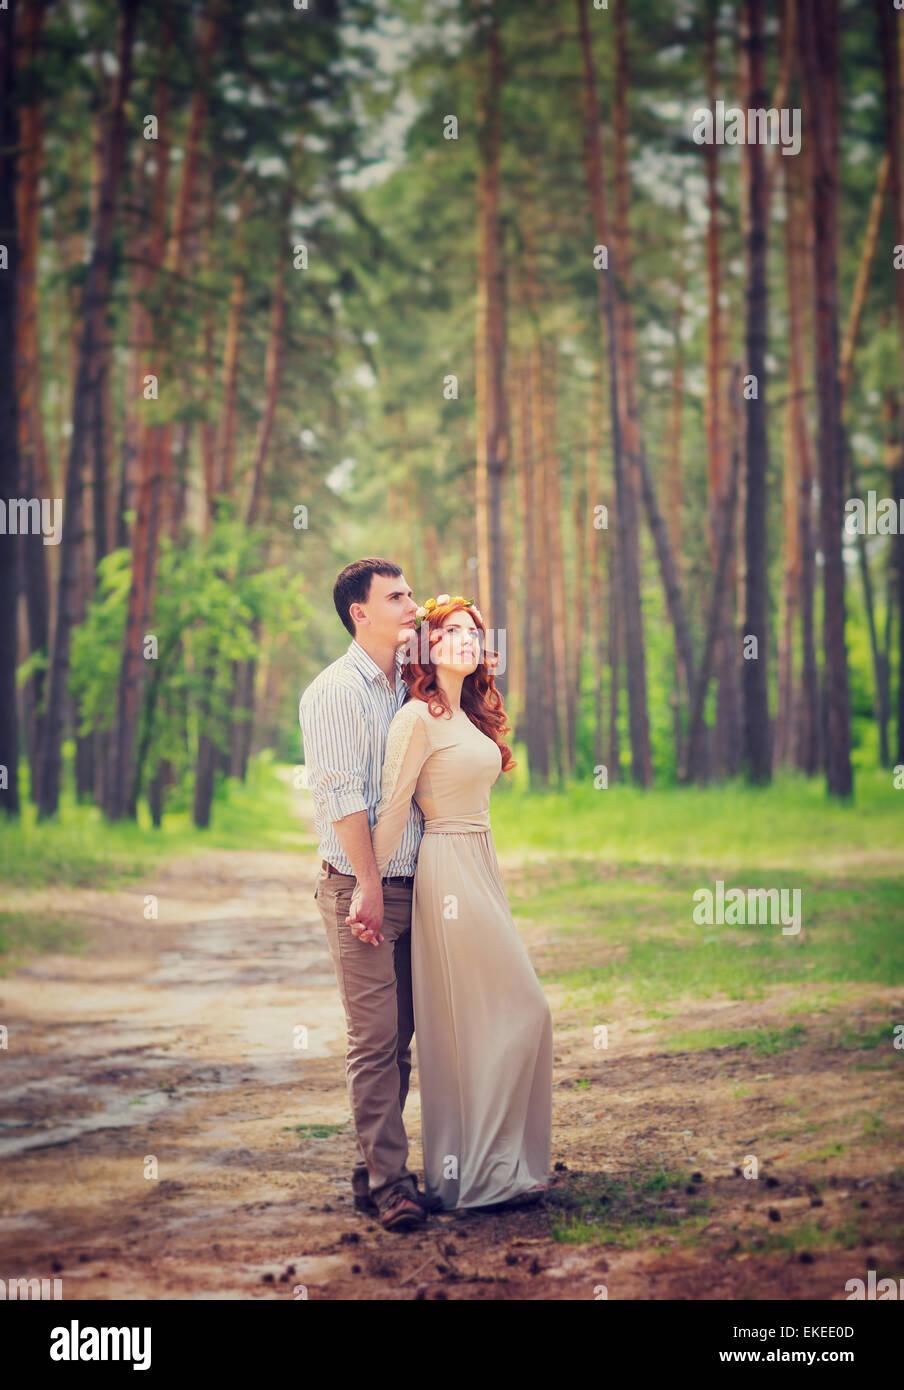 Sanfte paar auf romantisches Date, Tag der Trauung im Wald, zarte Gefühle genießen Frühling Natur Stockbild